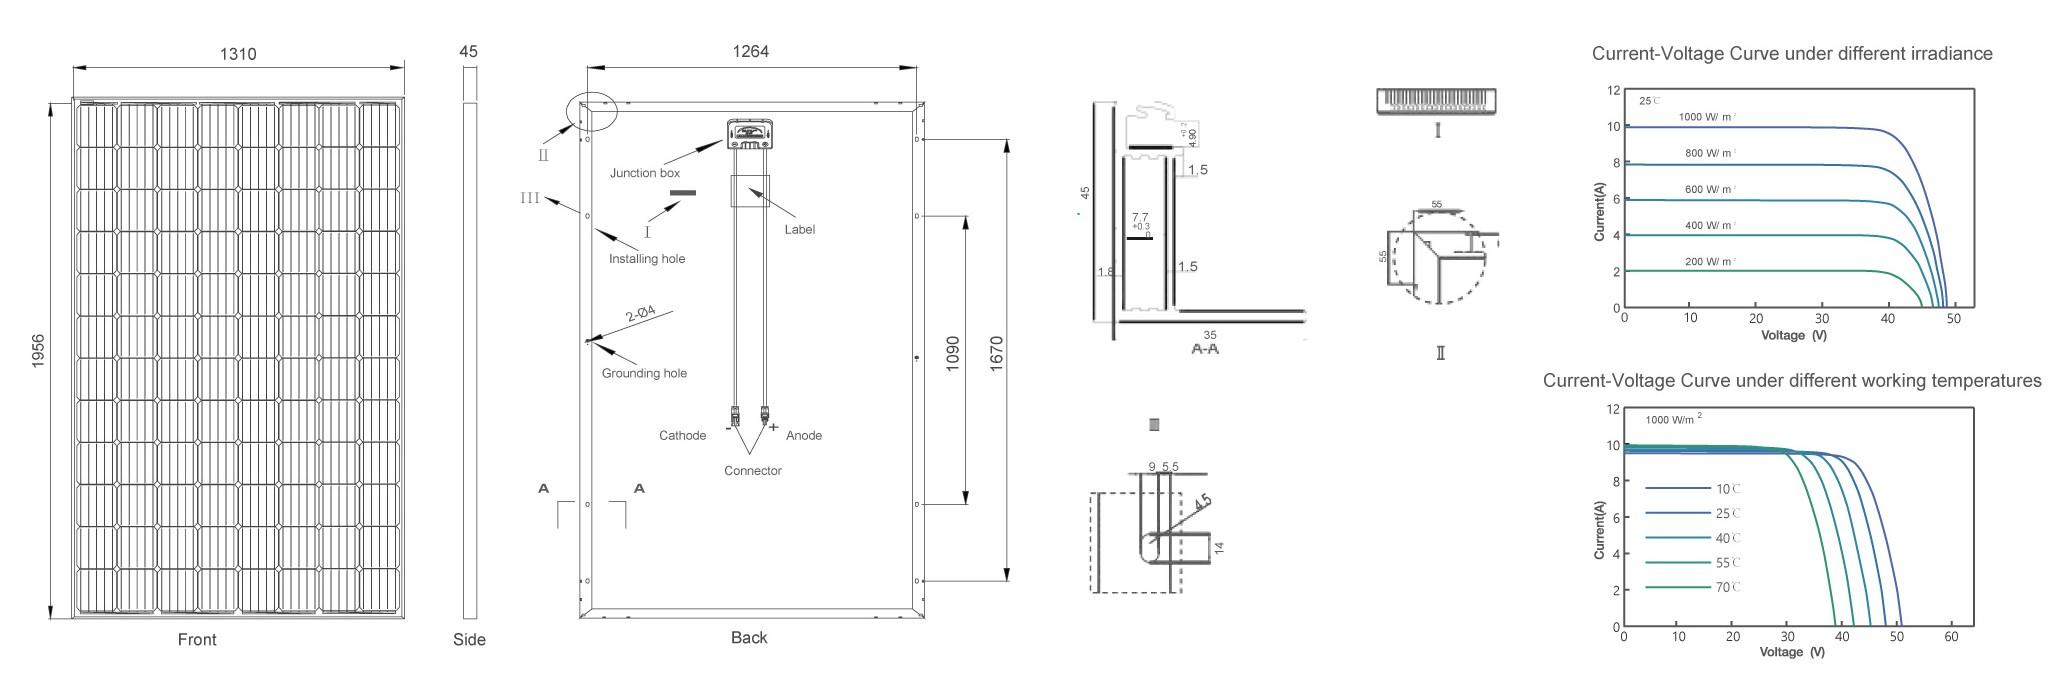 460W monocrystalline solar panel